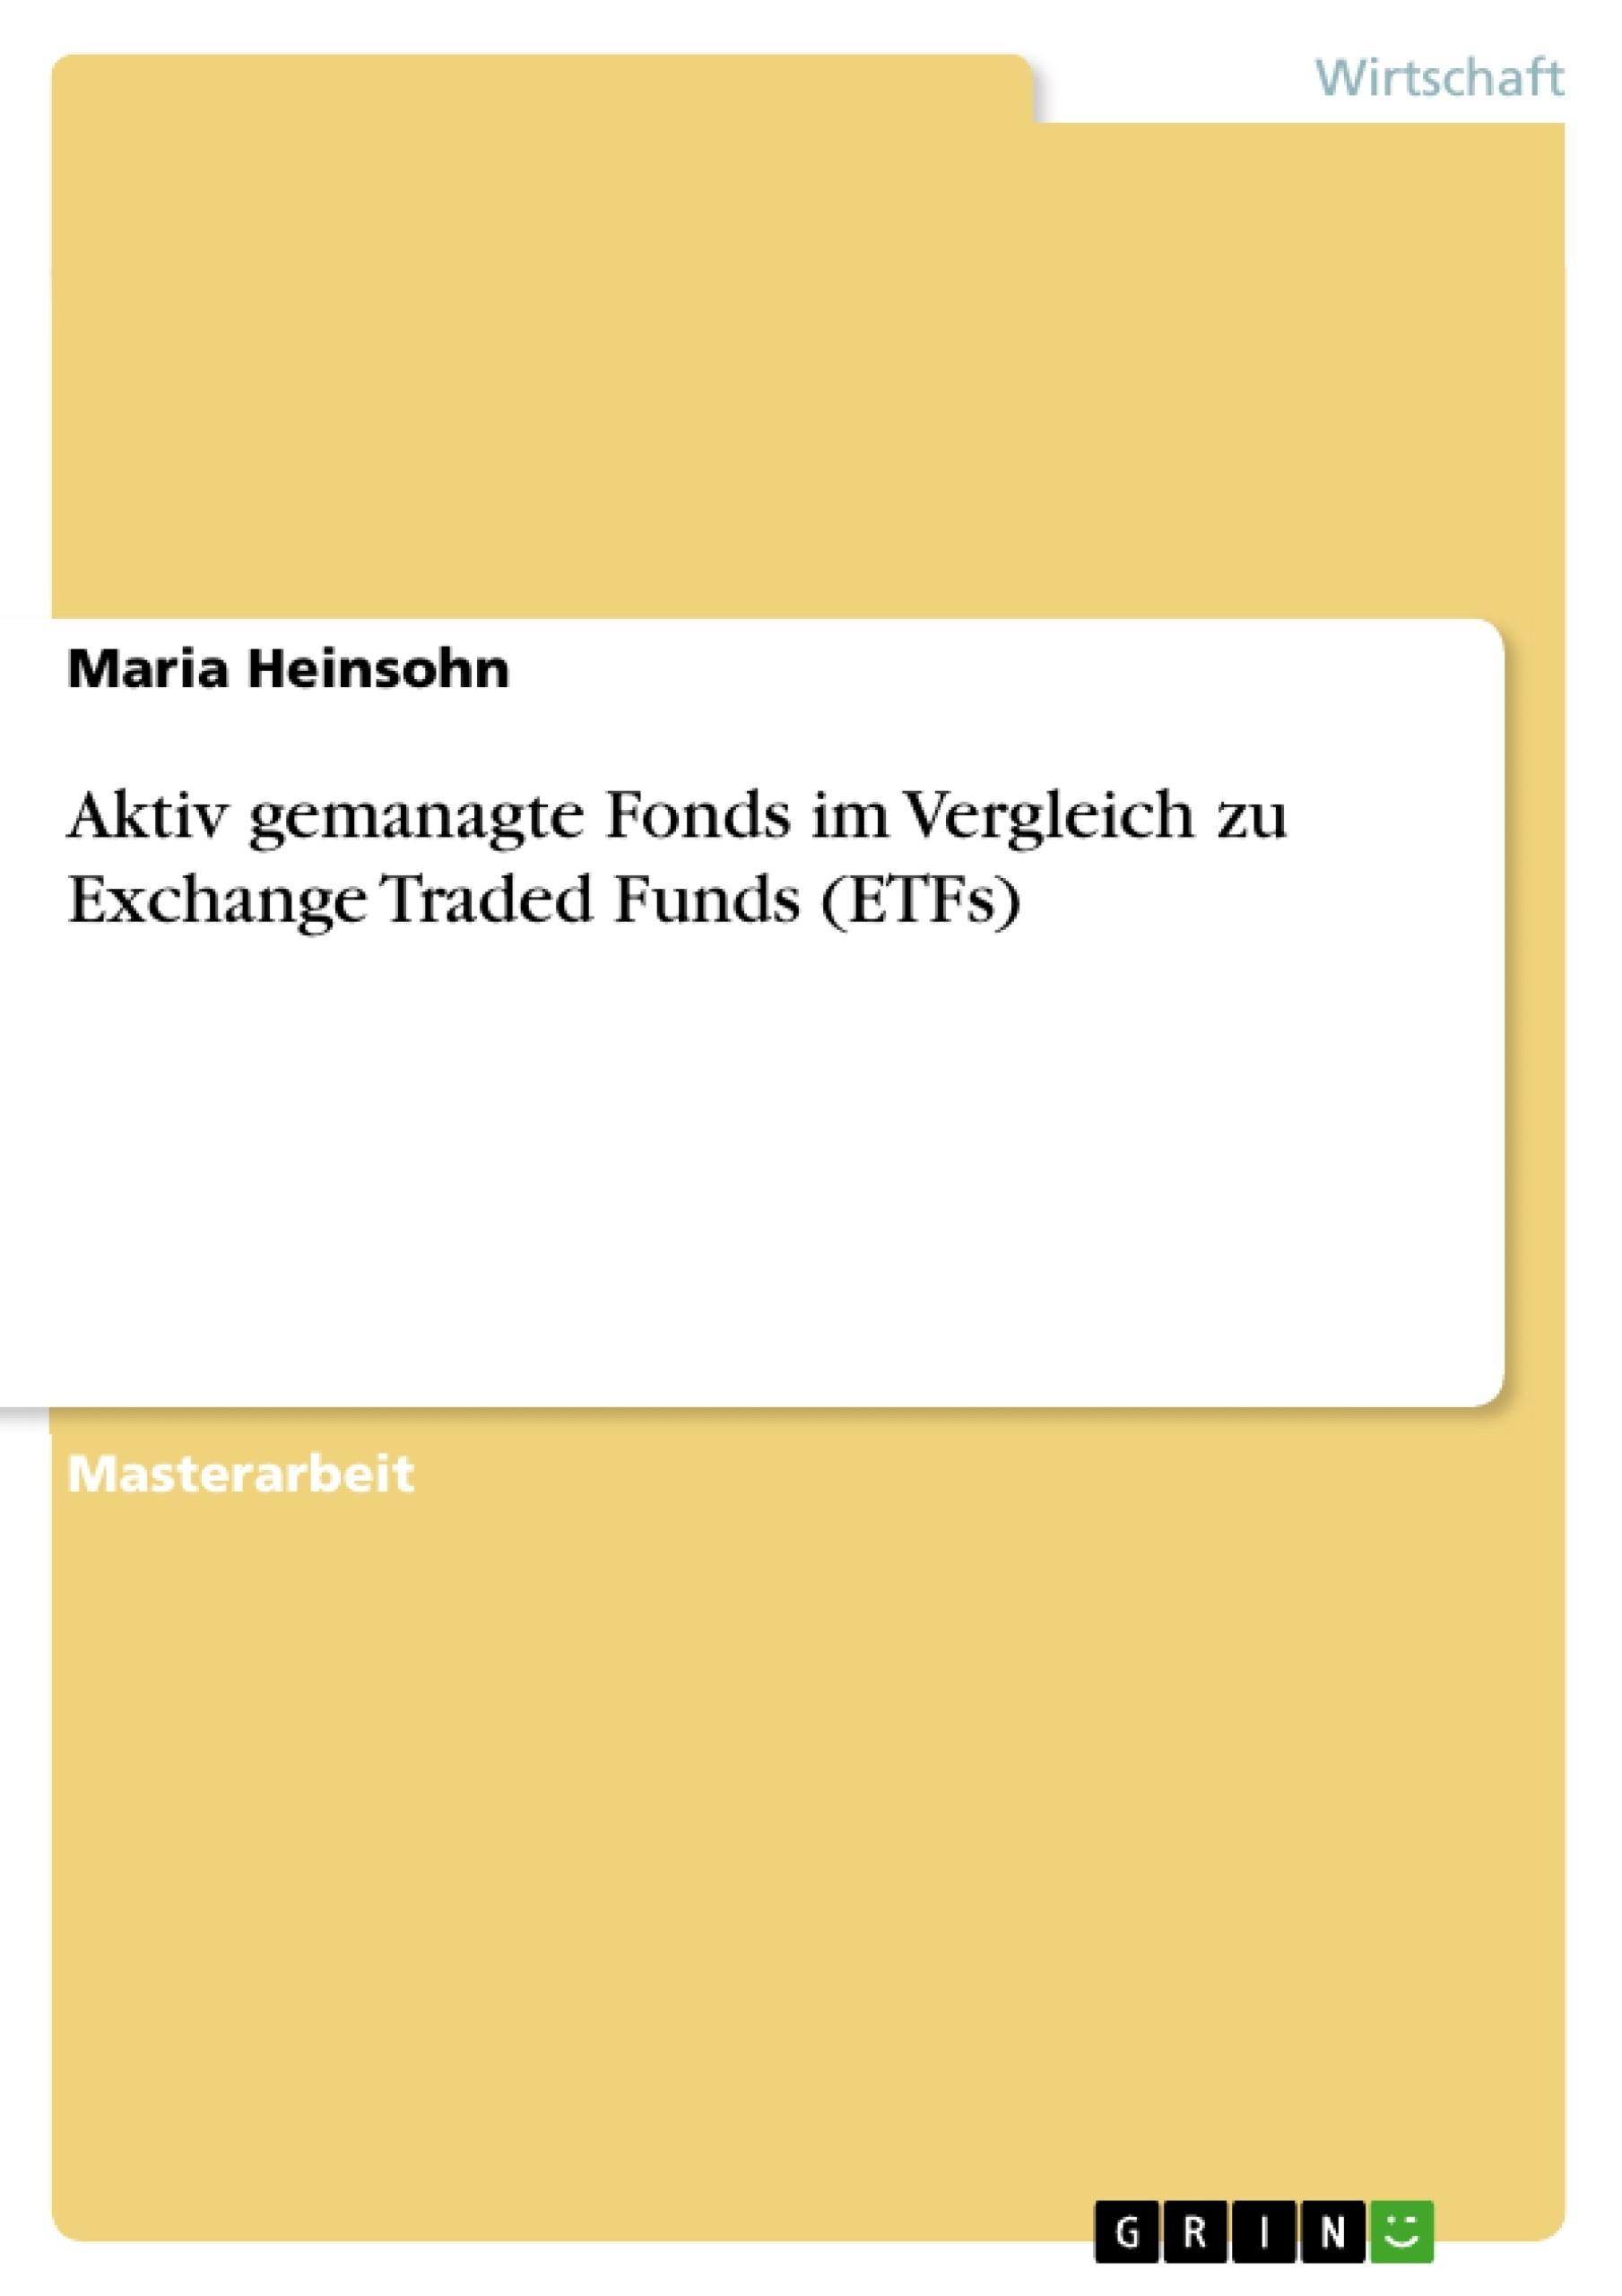 Titel: Aktiv gemanagte Fonds im Vergleich zu Exchange Traded Funds (ETFs)